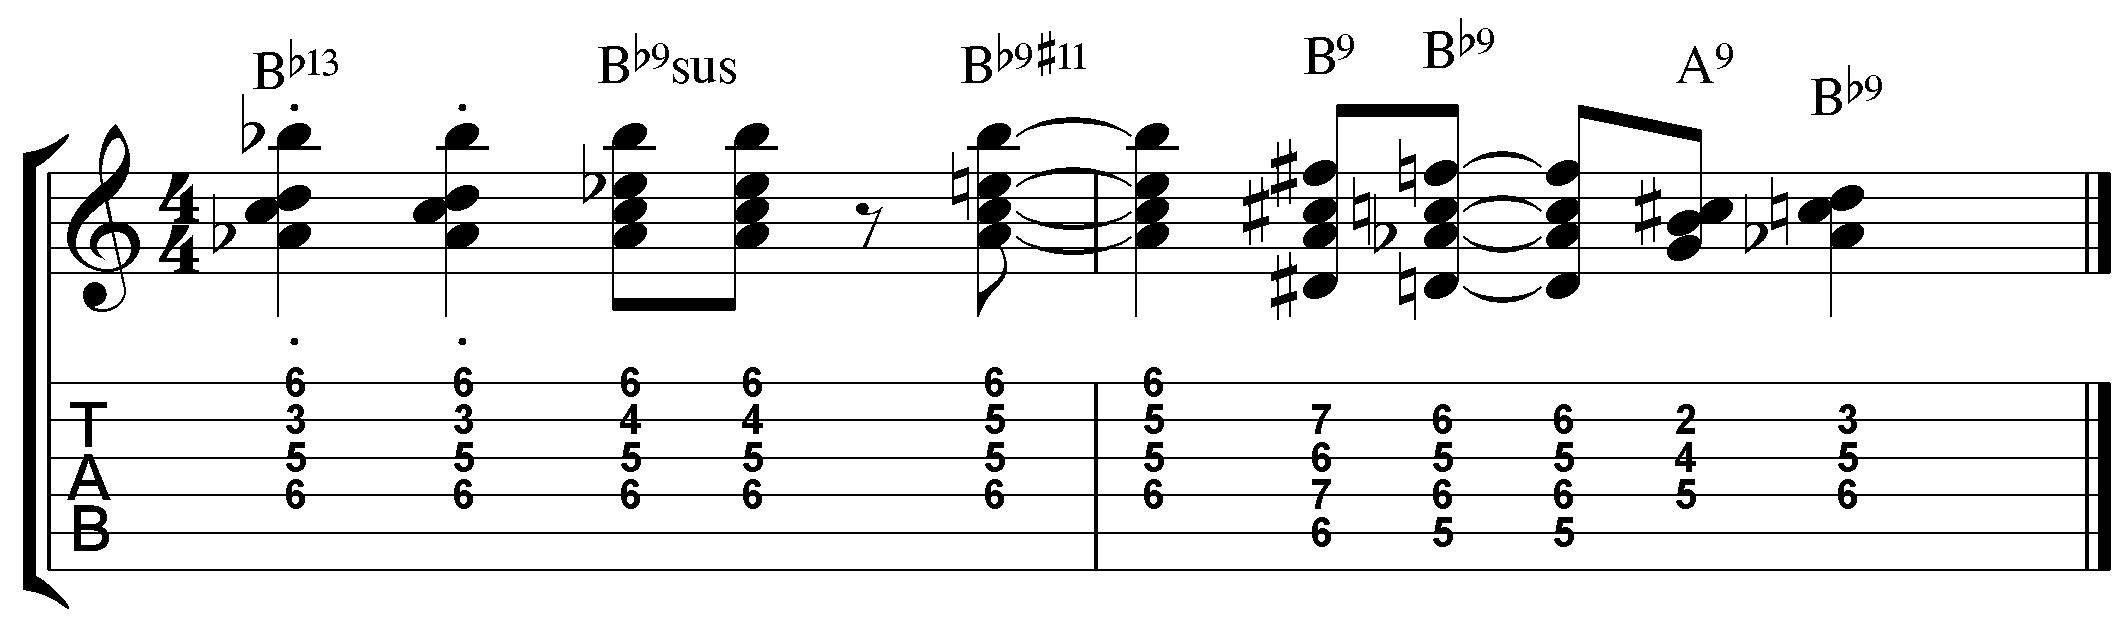 5 Jazz Guitar Chord Studies Jamie Holroyd Guitar Jamie Holroyd